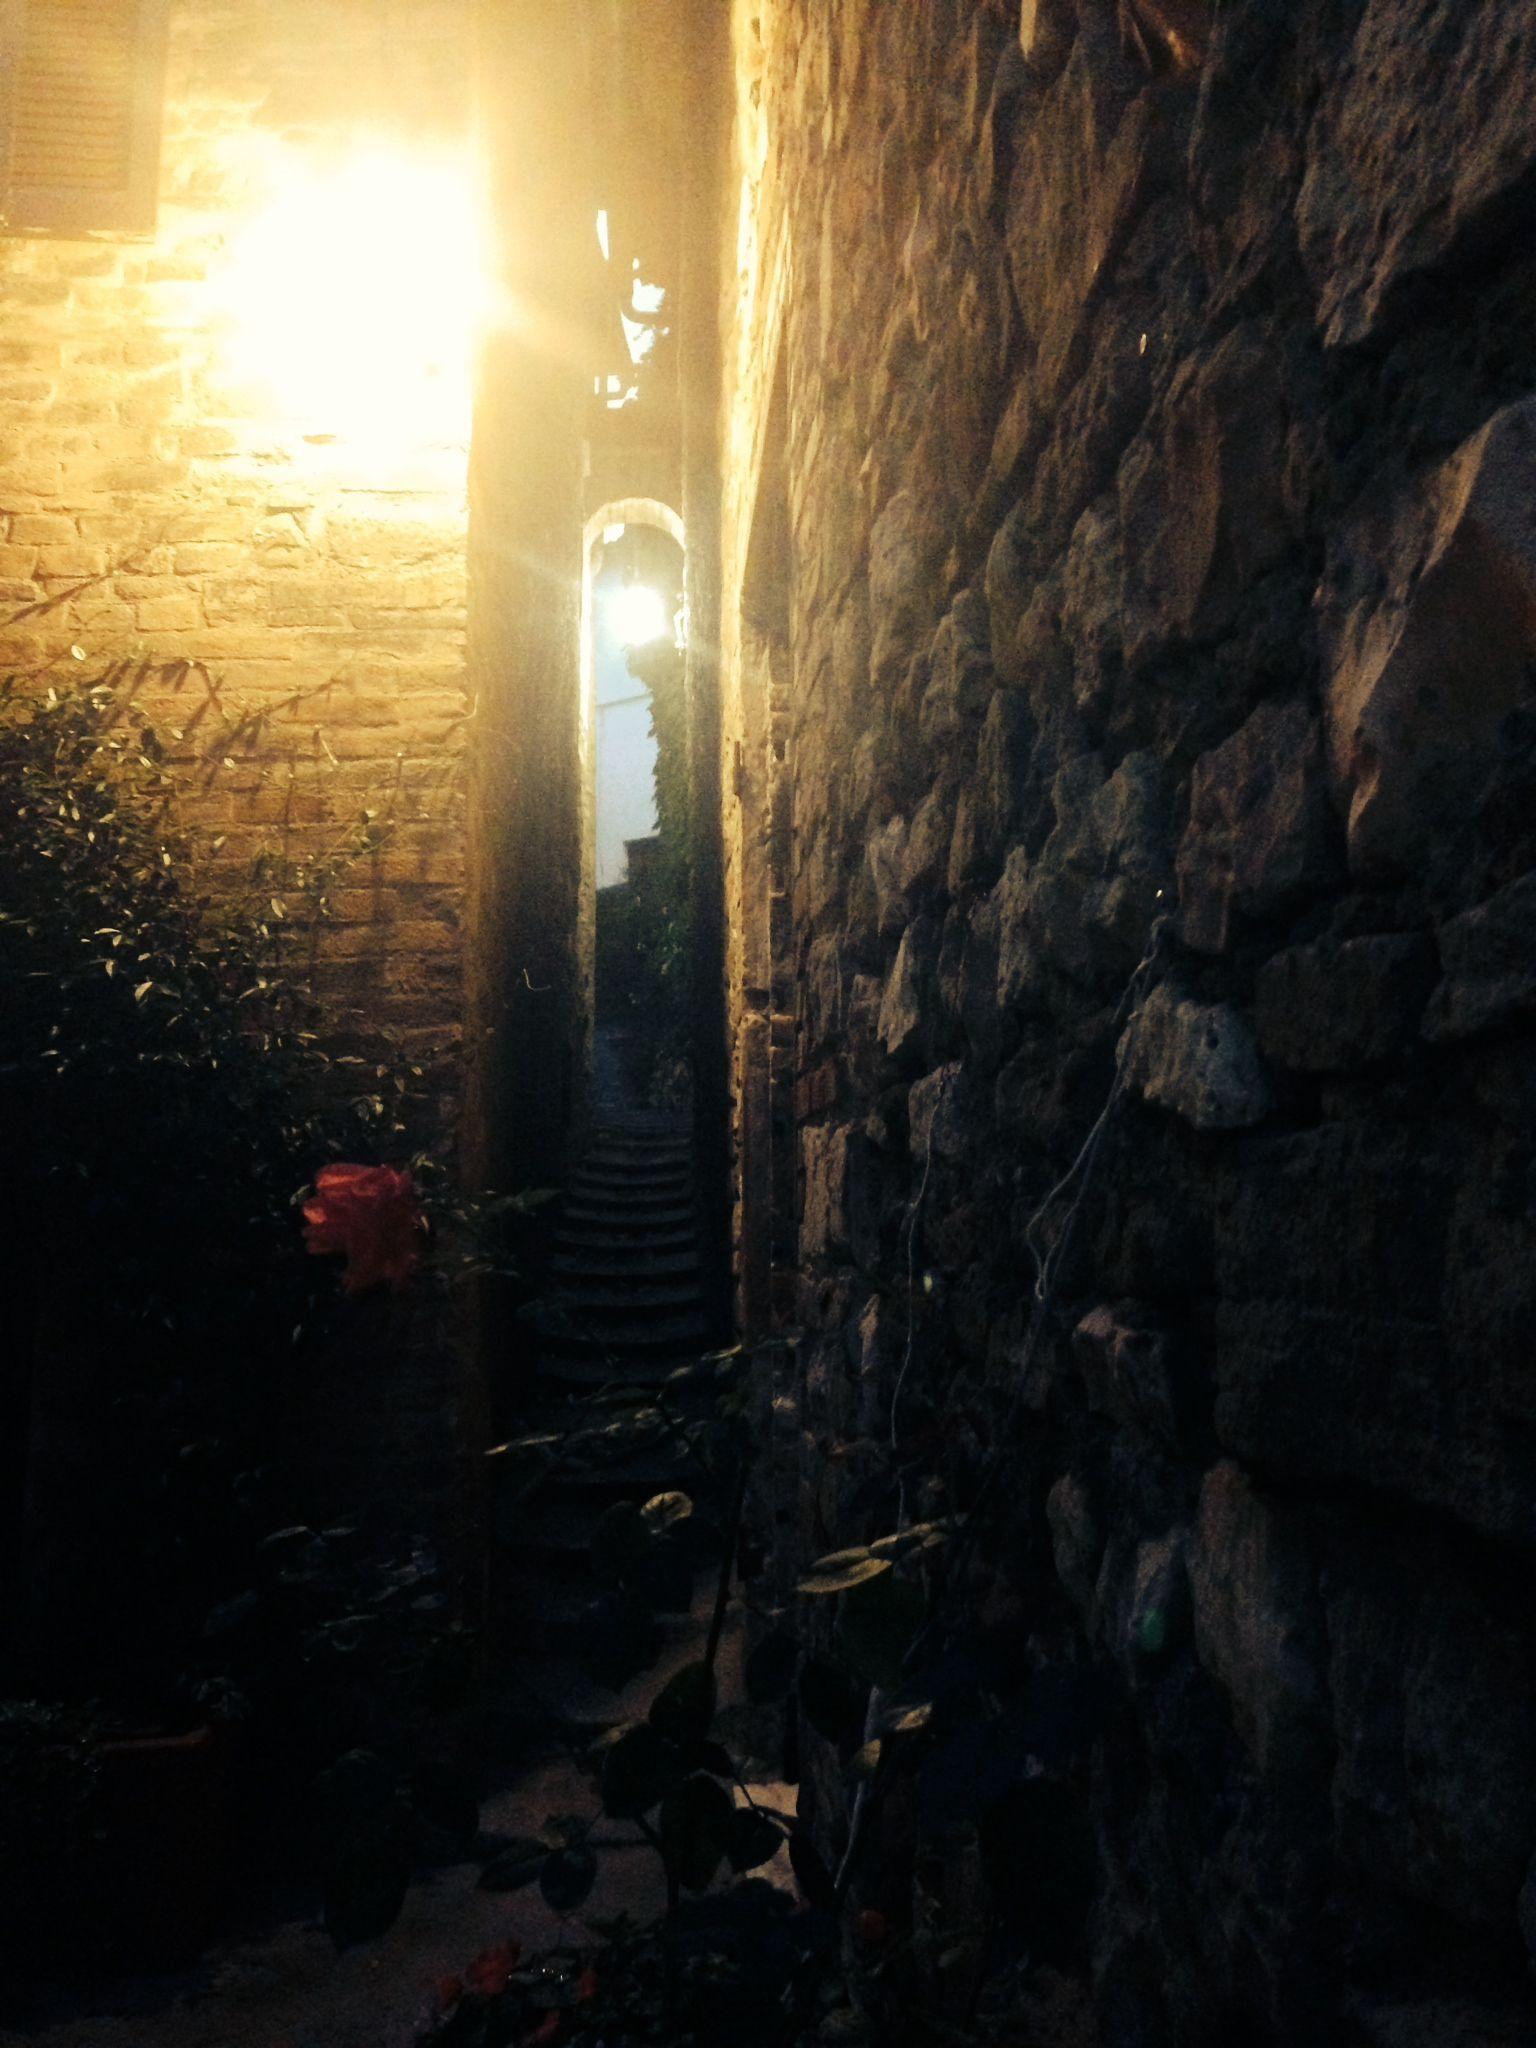 un vicolo, stretto, a #Bevagna, dove insinuarsi e baciarsi #Umbria #Italia, #kissinumbria